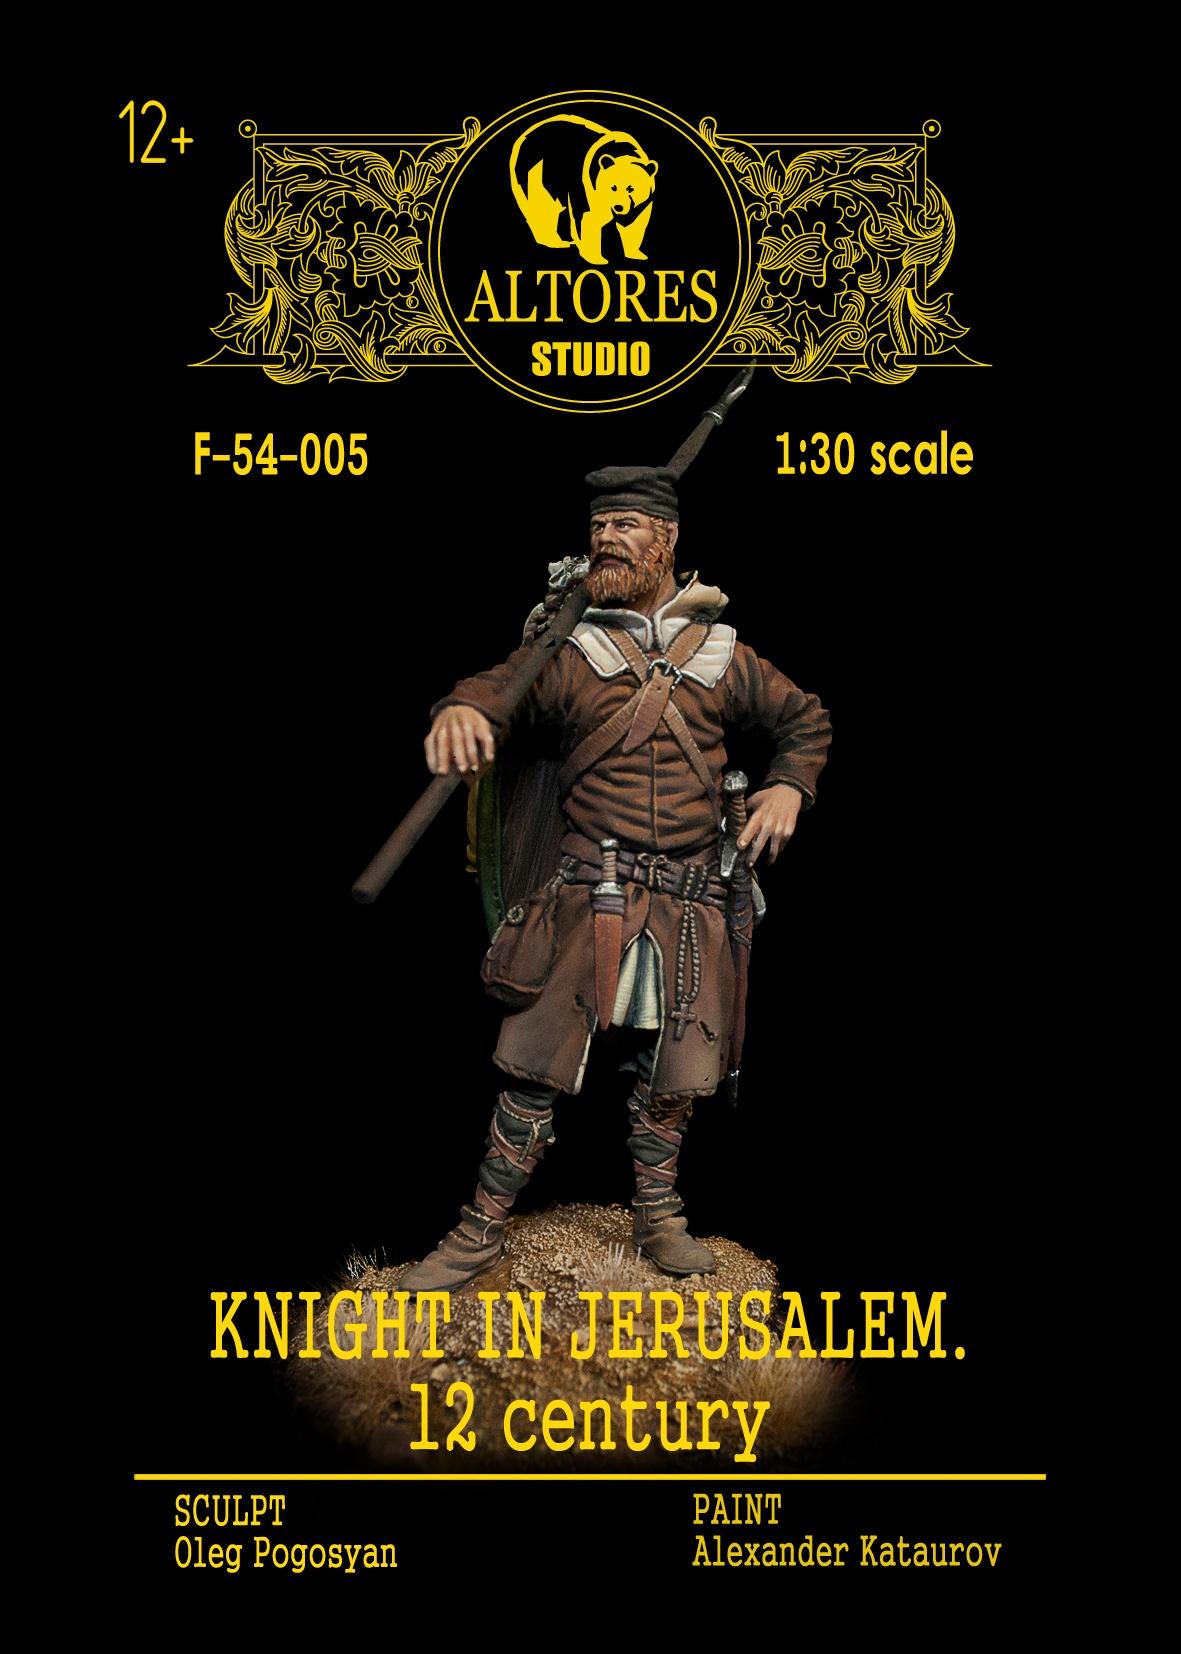 Knight in Jerusalem